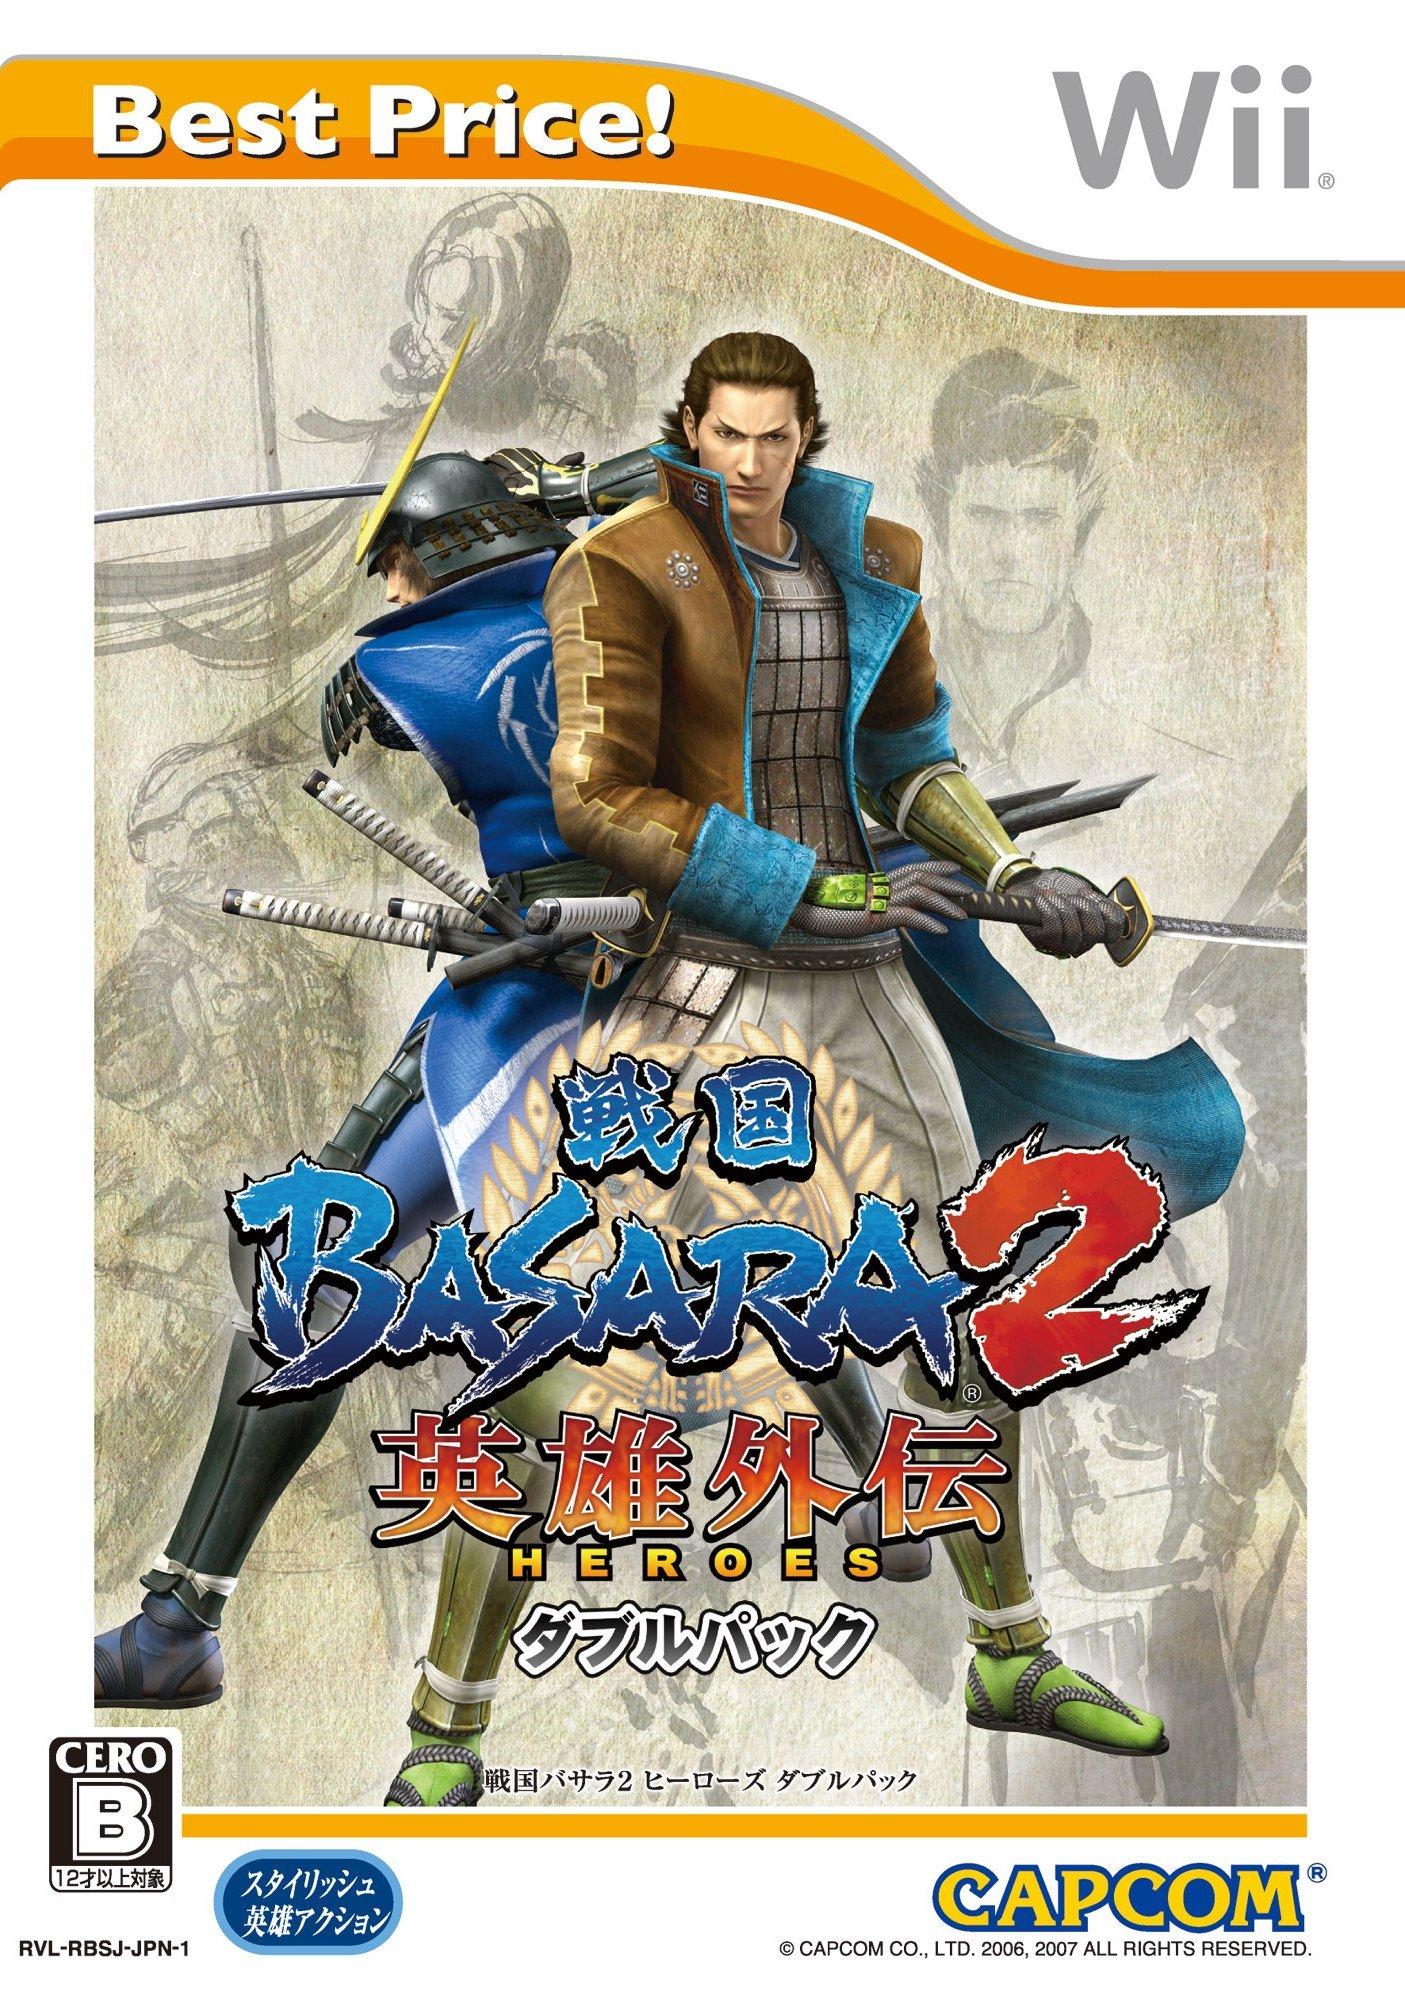 Sengoku Basara 2 Heroes (Double Pack) (Best Price!) [Japan Import]